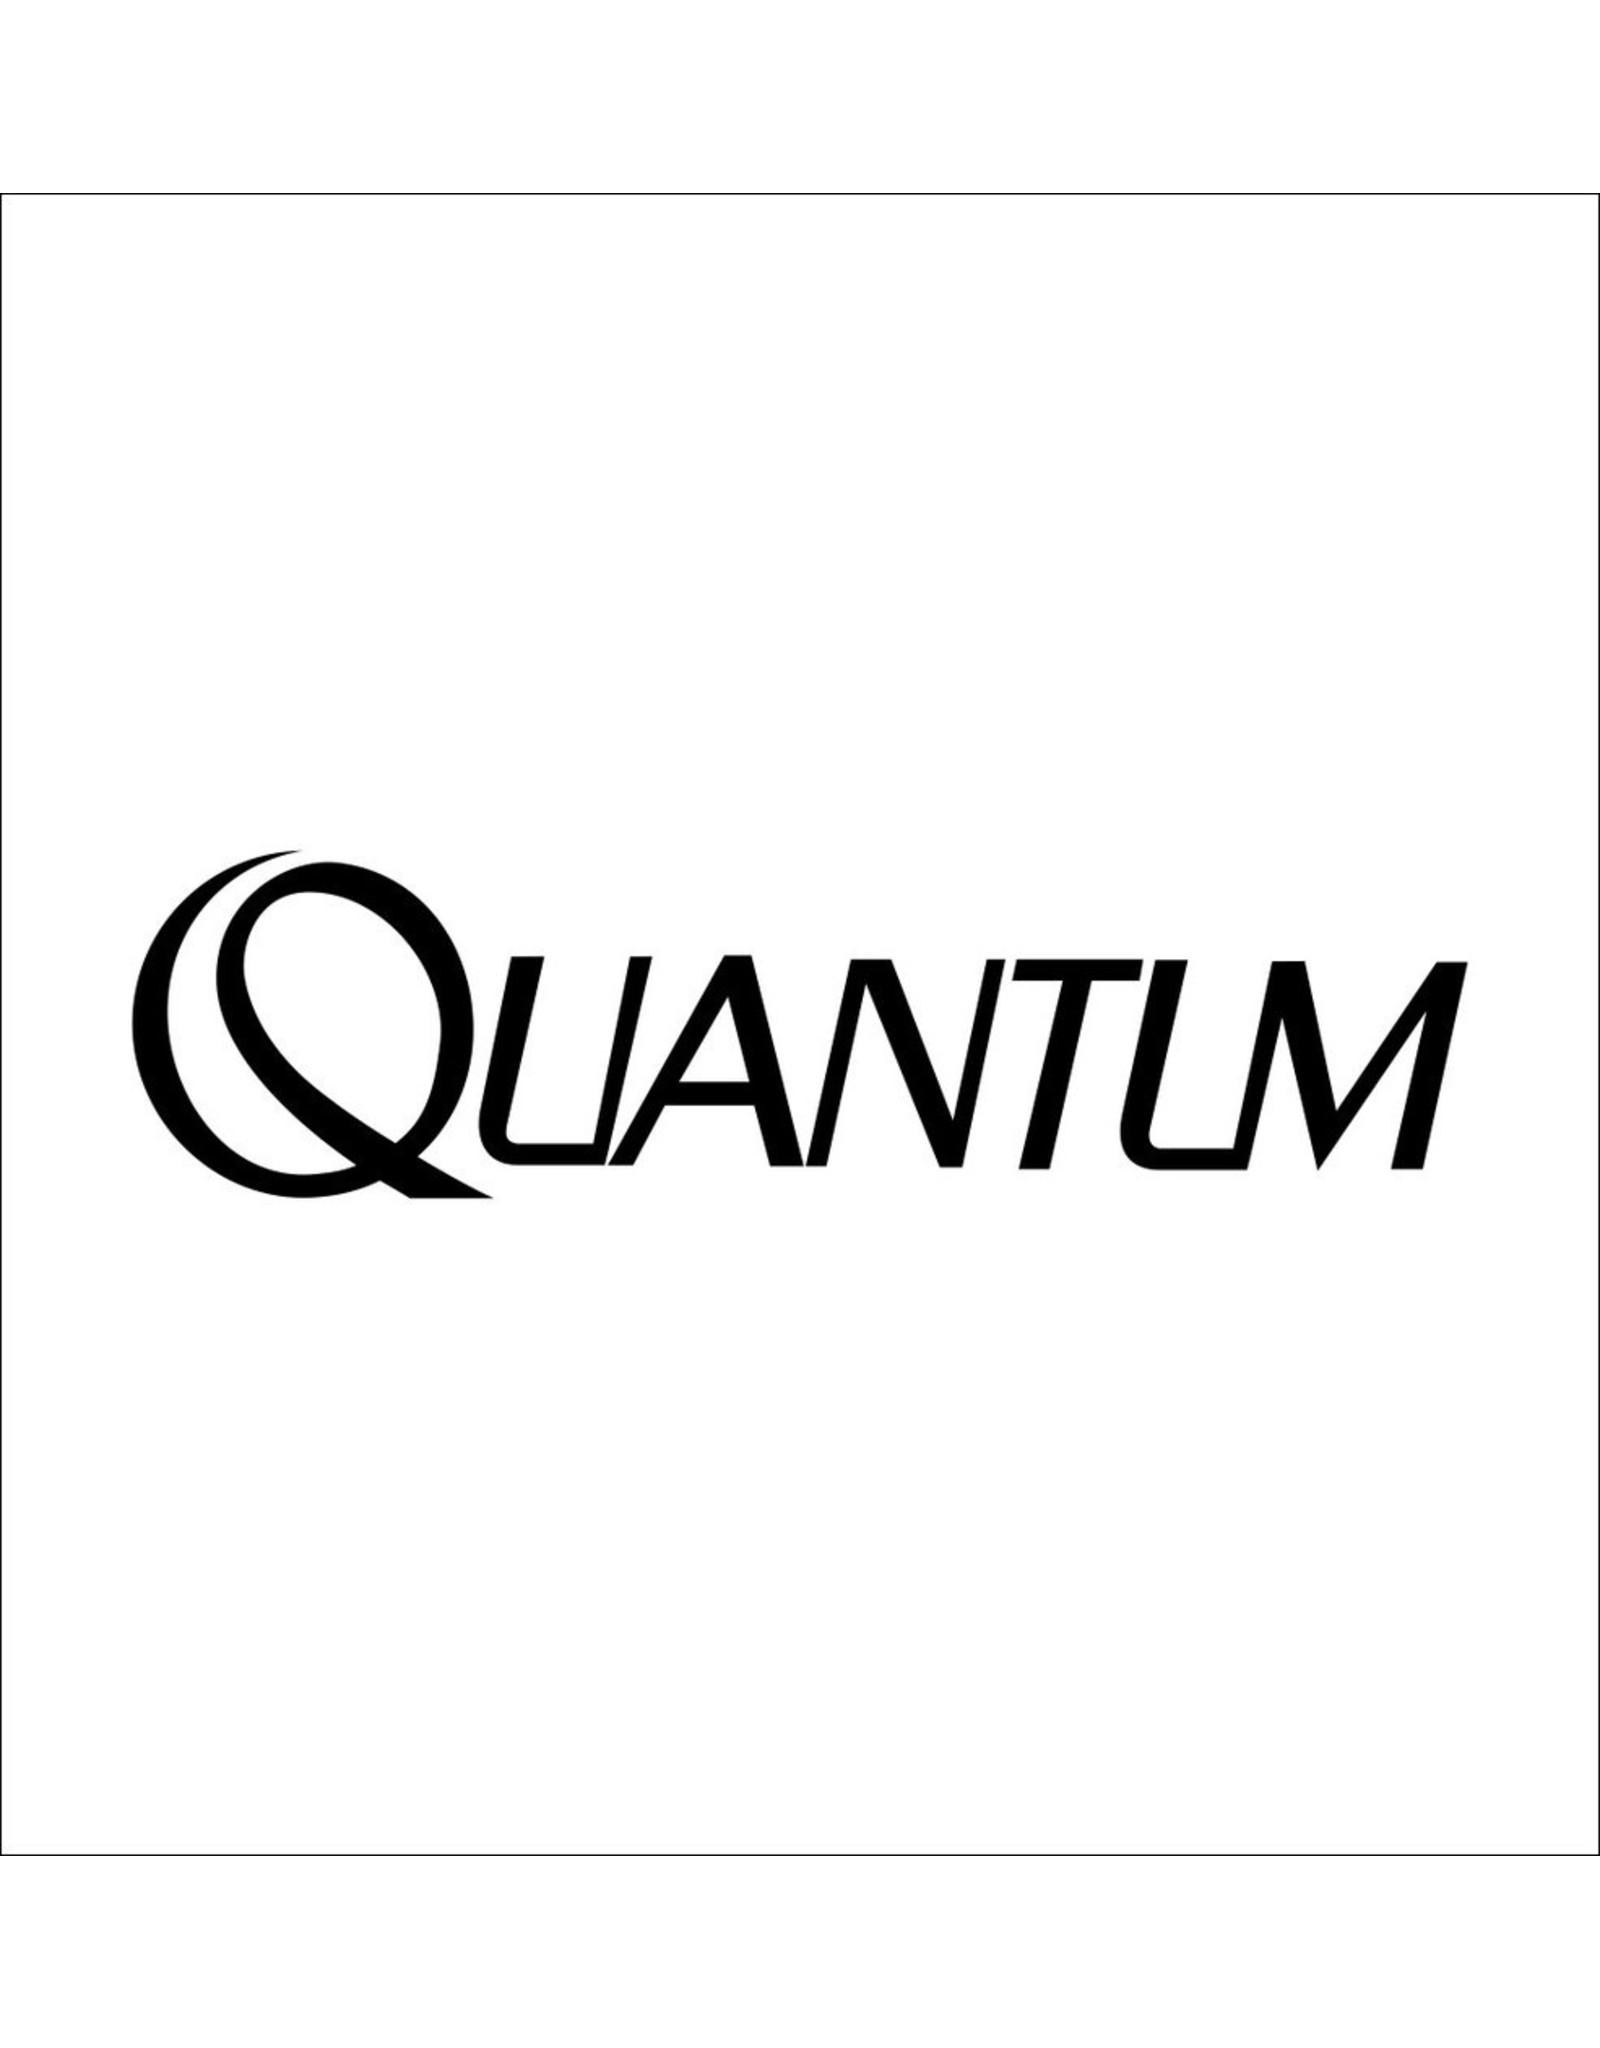 Quantum BAIT CLICK PAWL DISCONTINUED